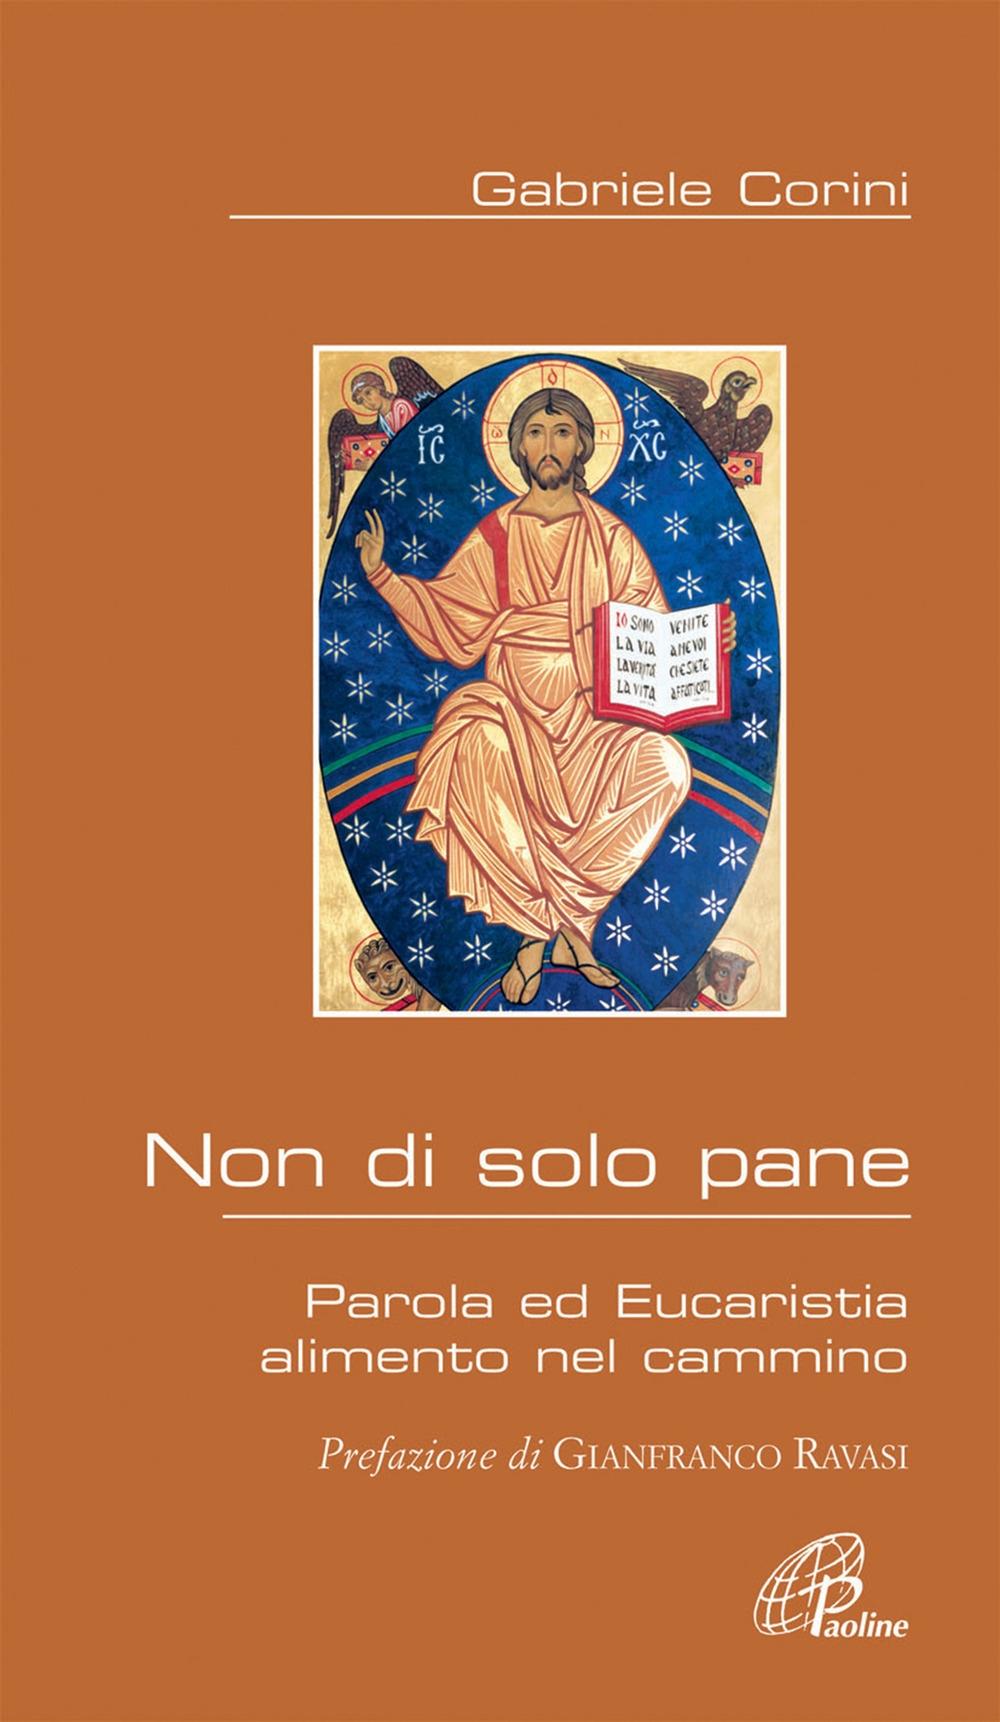 Non di solo pane. Parola ed Eucaristia alimento nel cammino